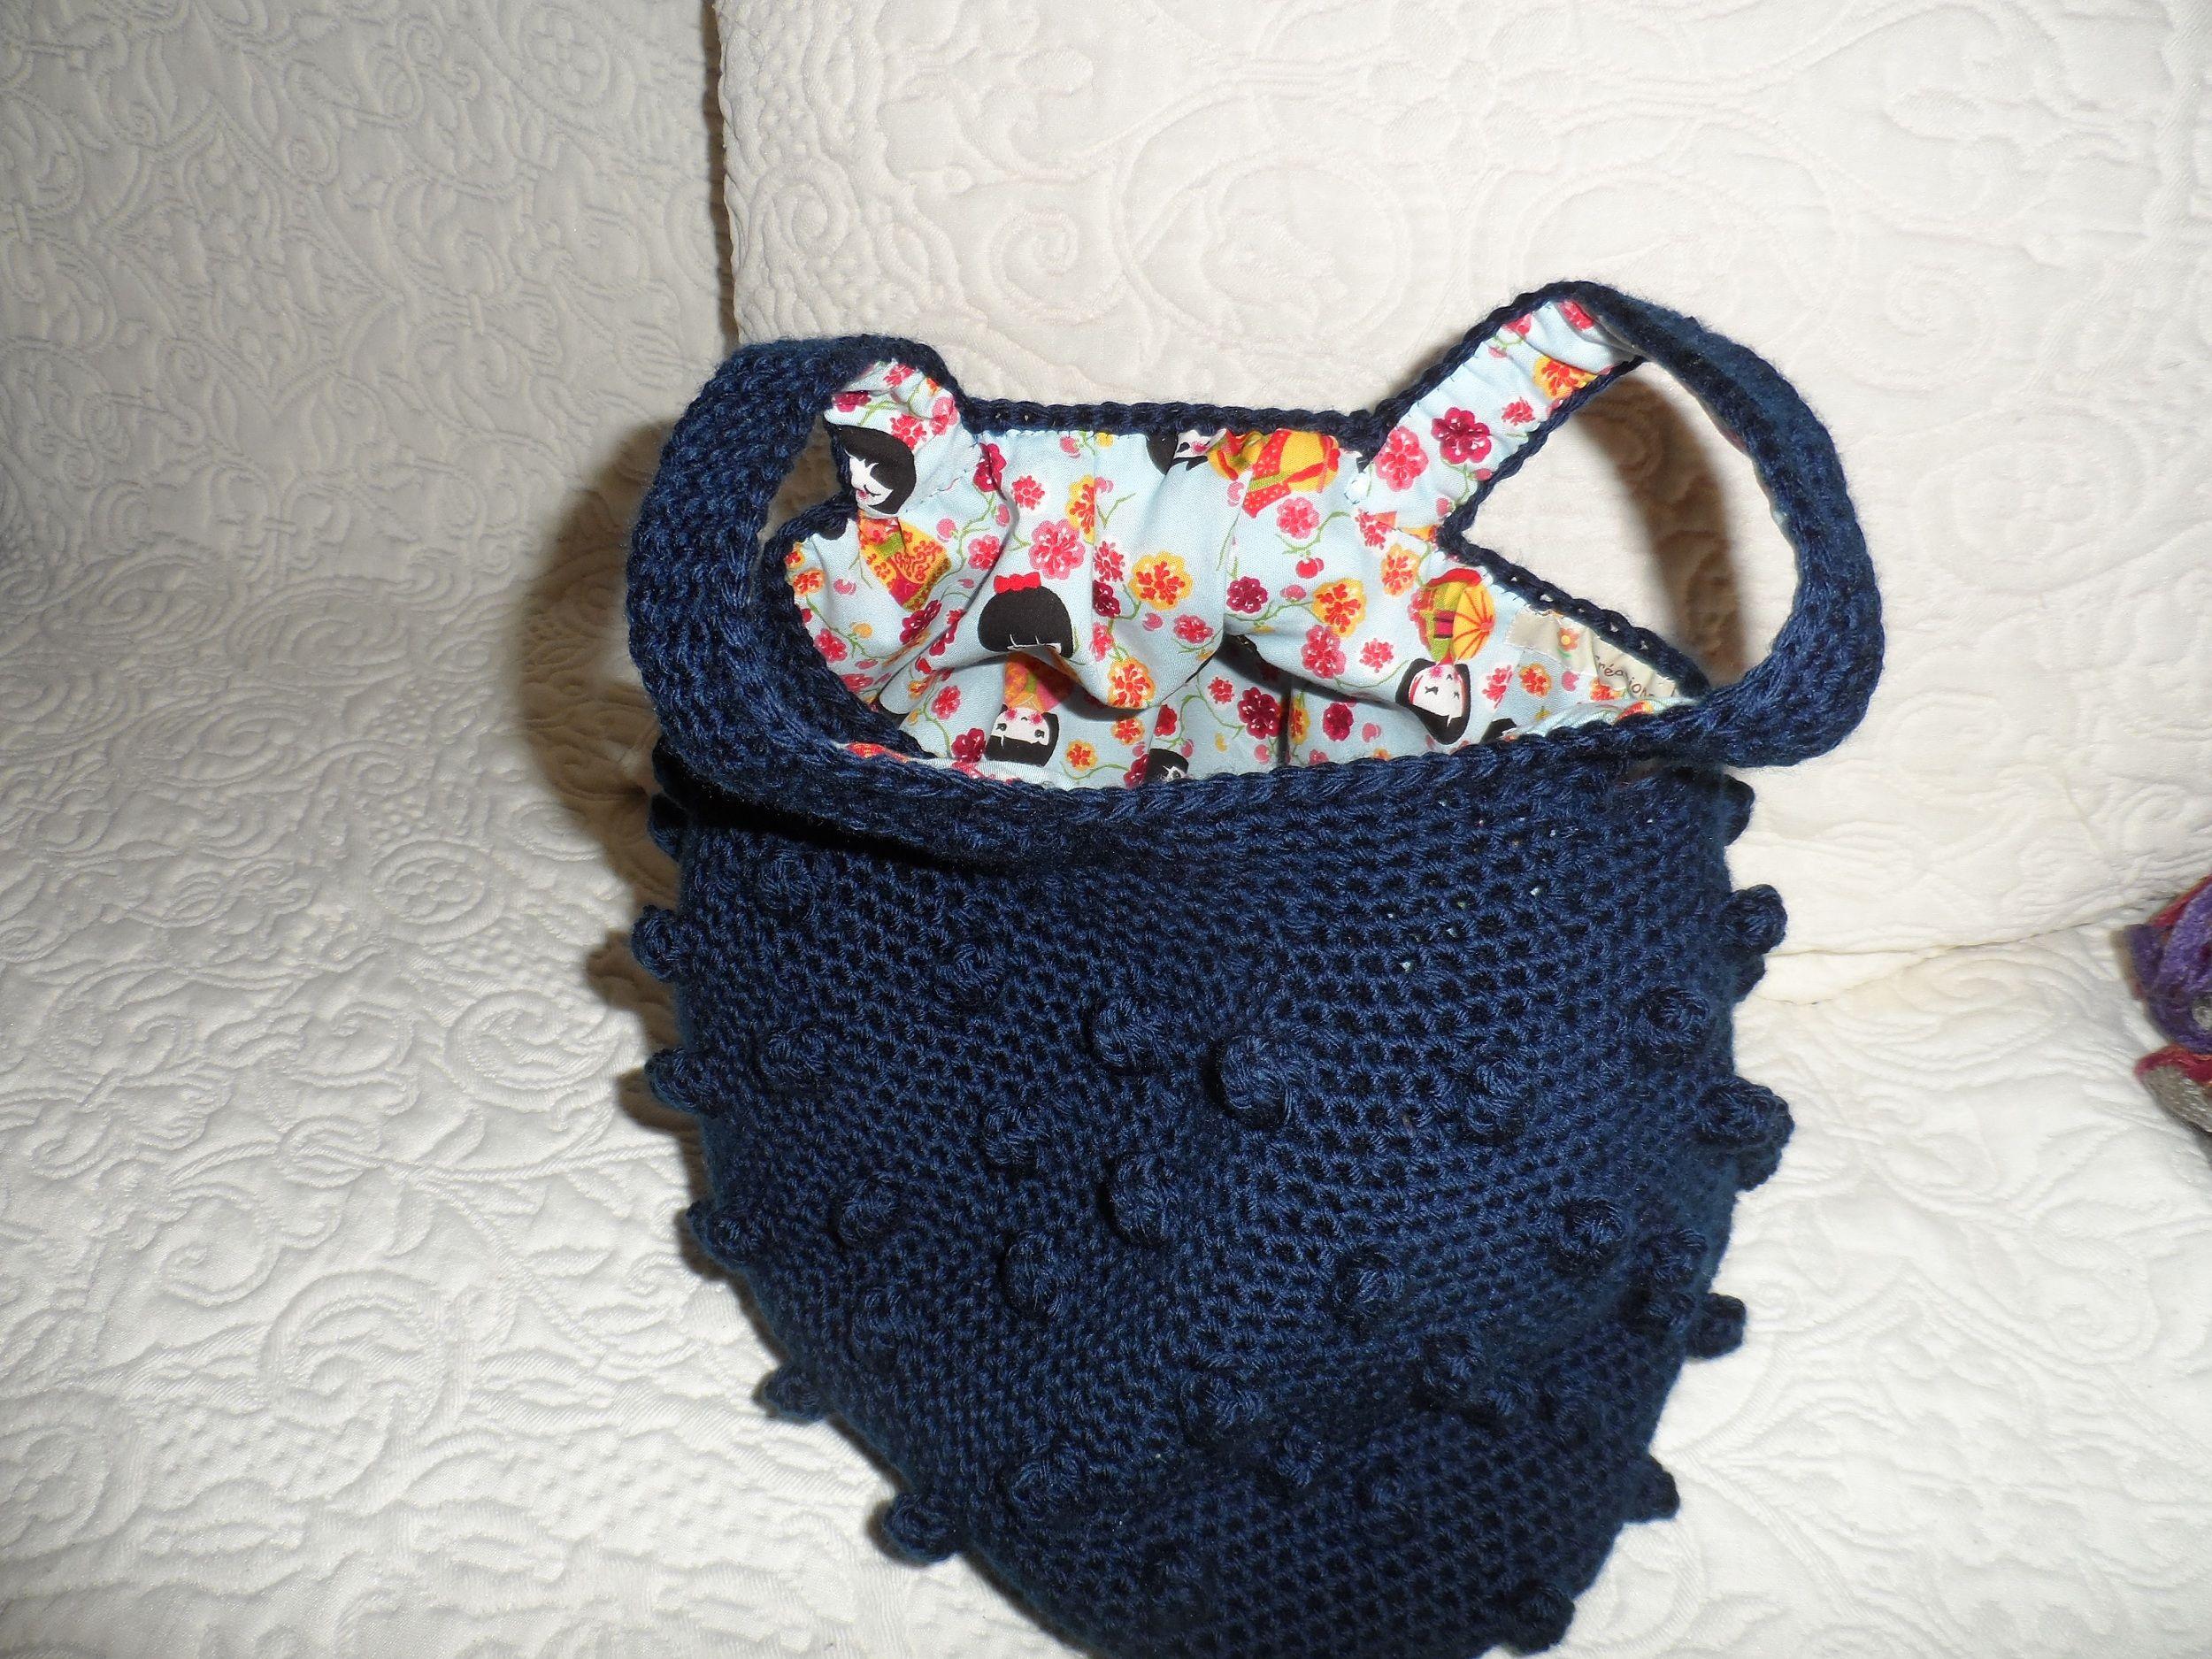 sac besace au crochet doublé en tissu coton imprimé